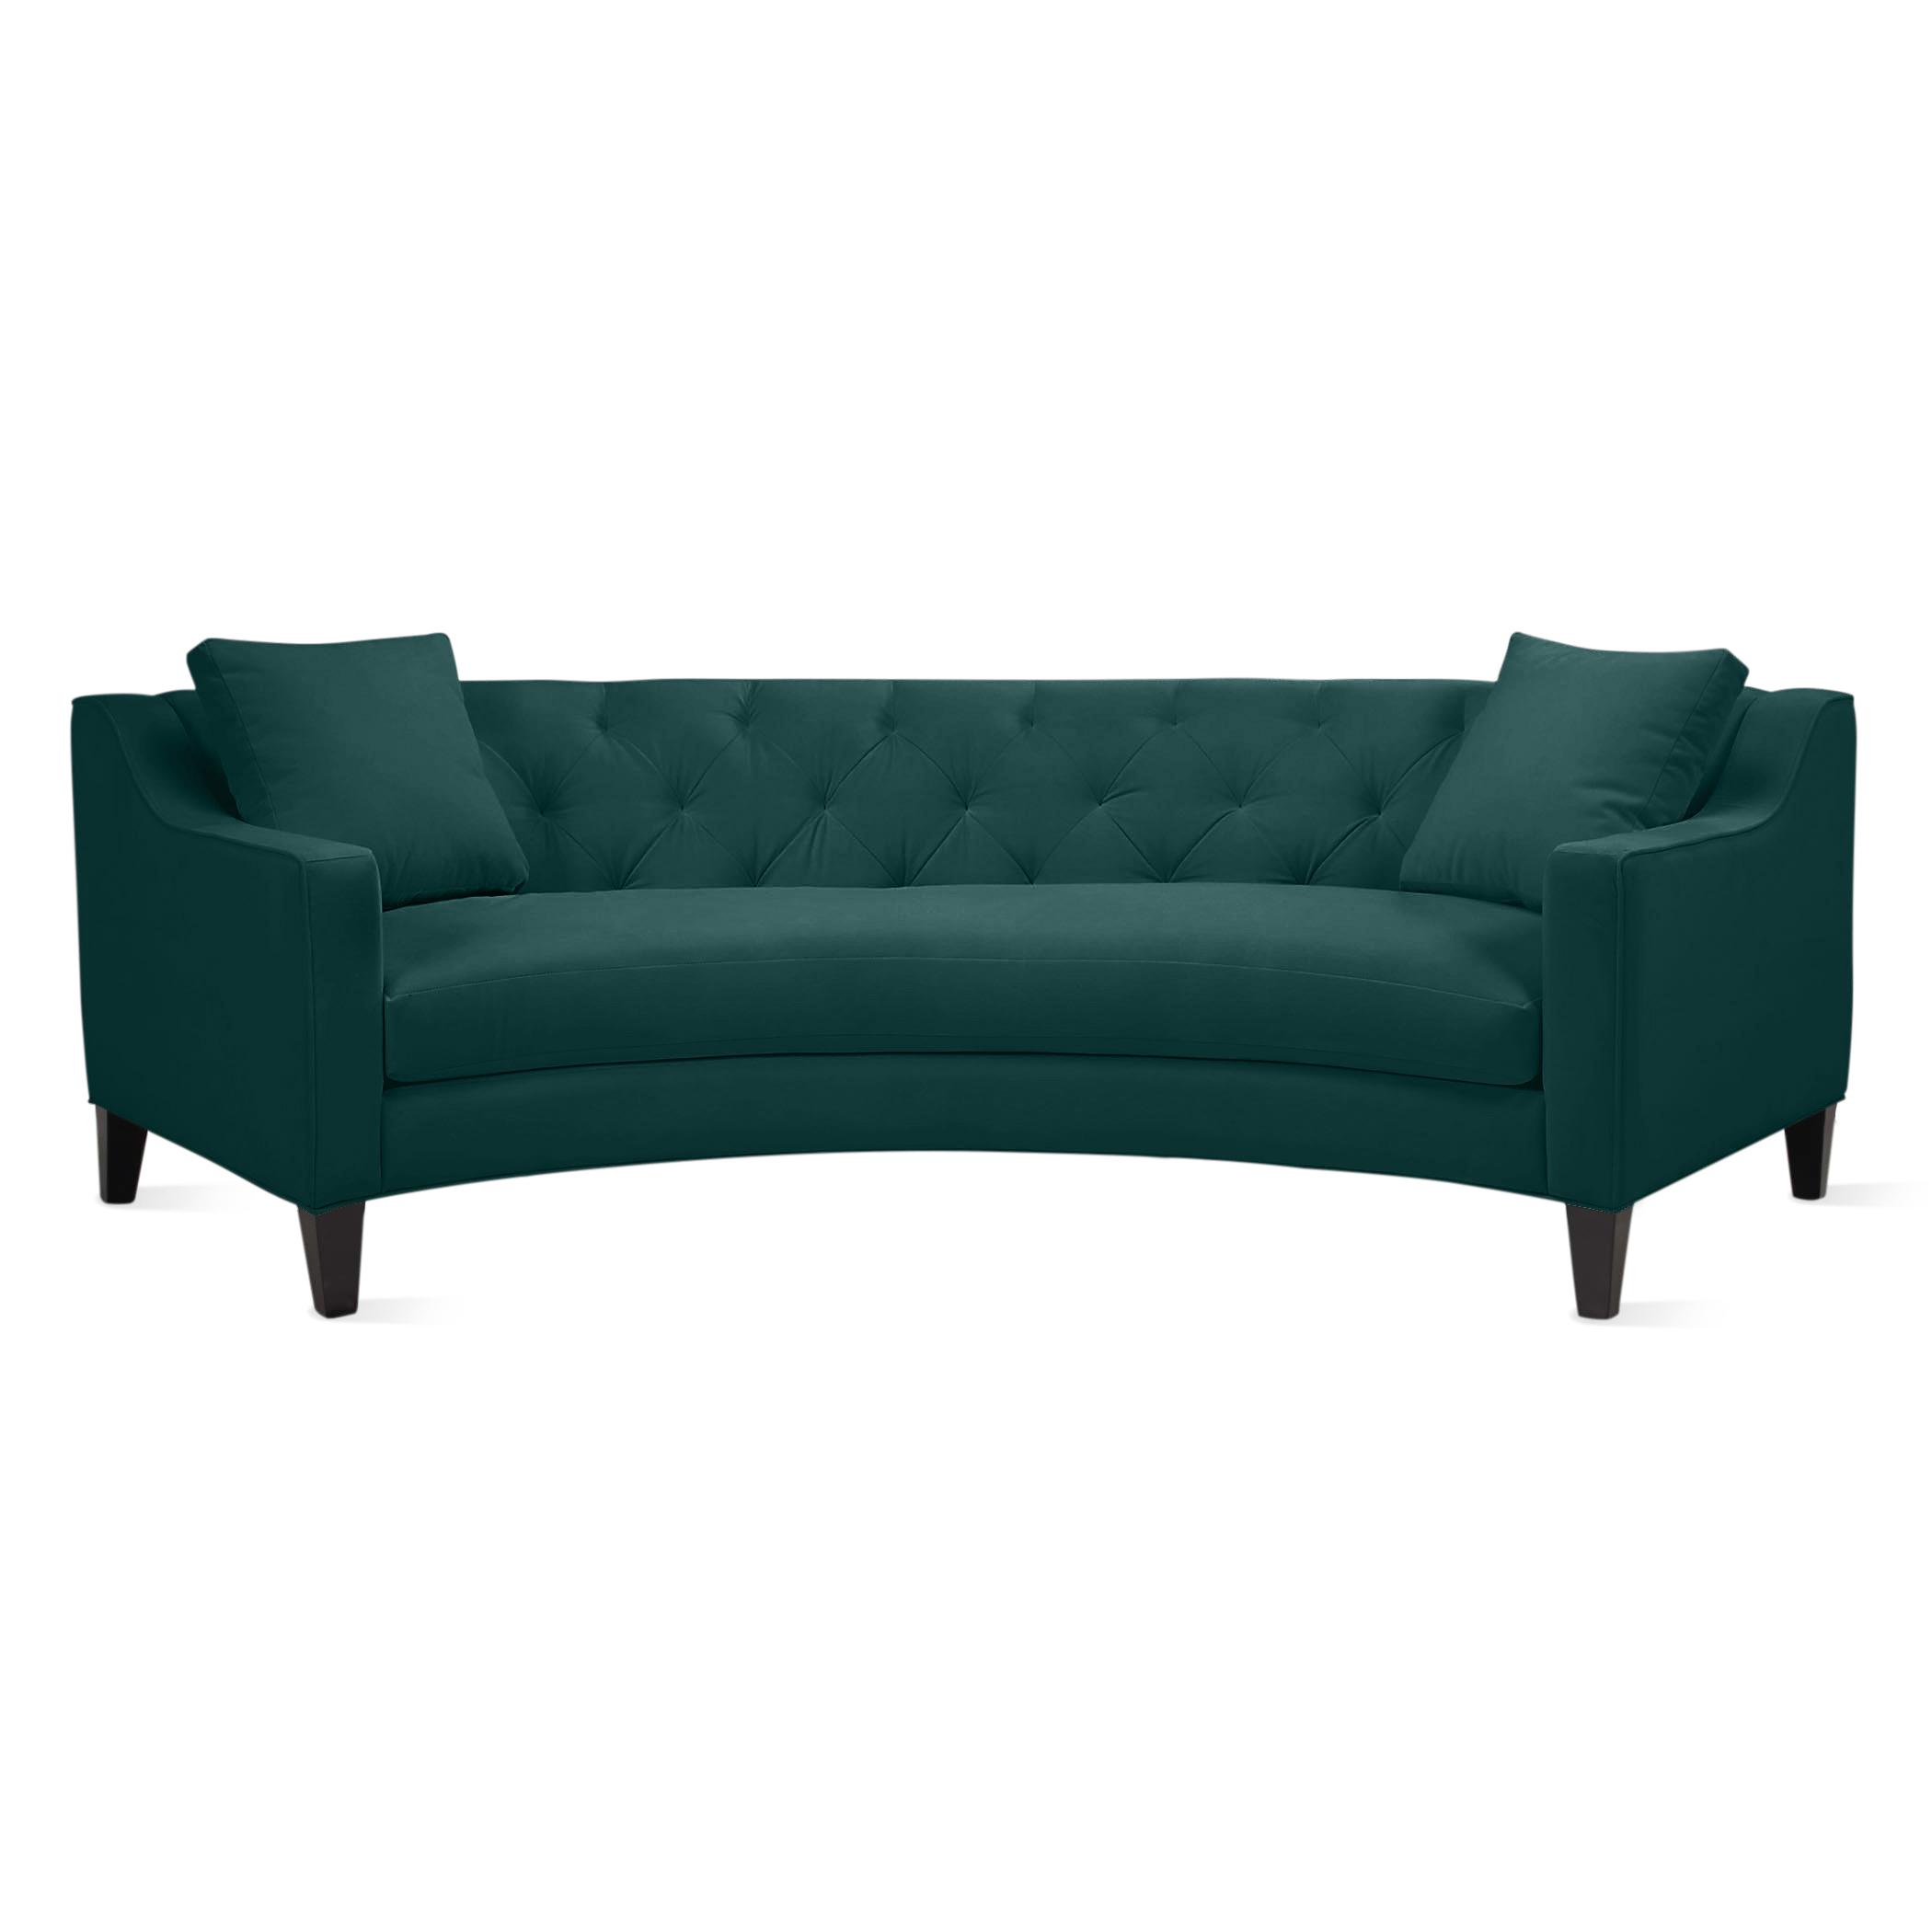 Circa Sofa